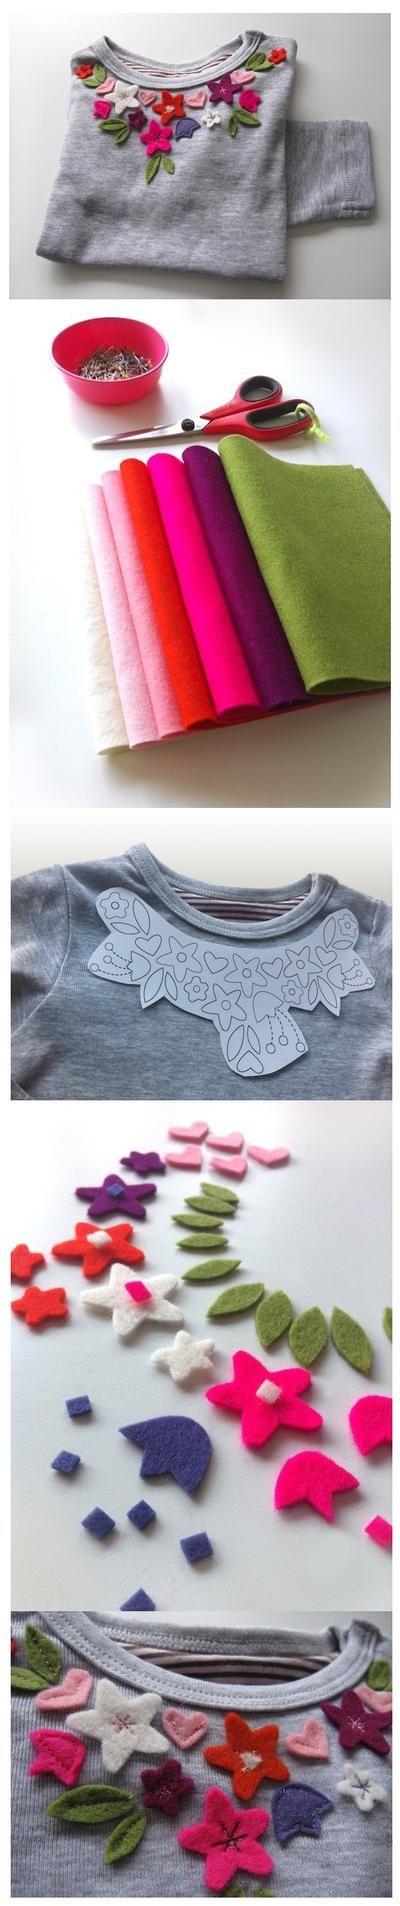 Foto: vilt versieren op t-shirt. Geplaatst door cinmeermin op Welke.nl